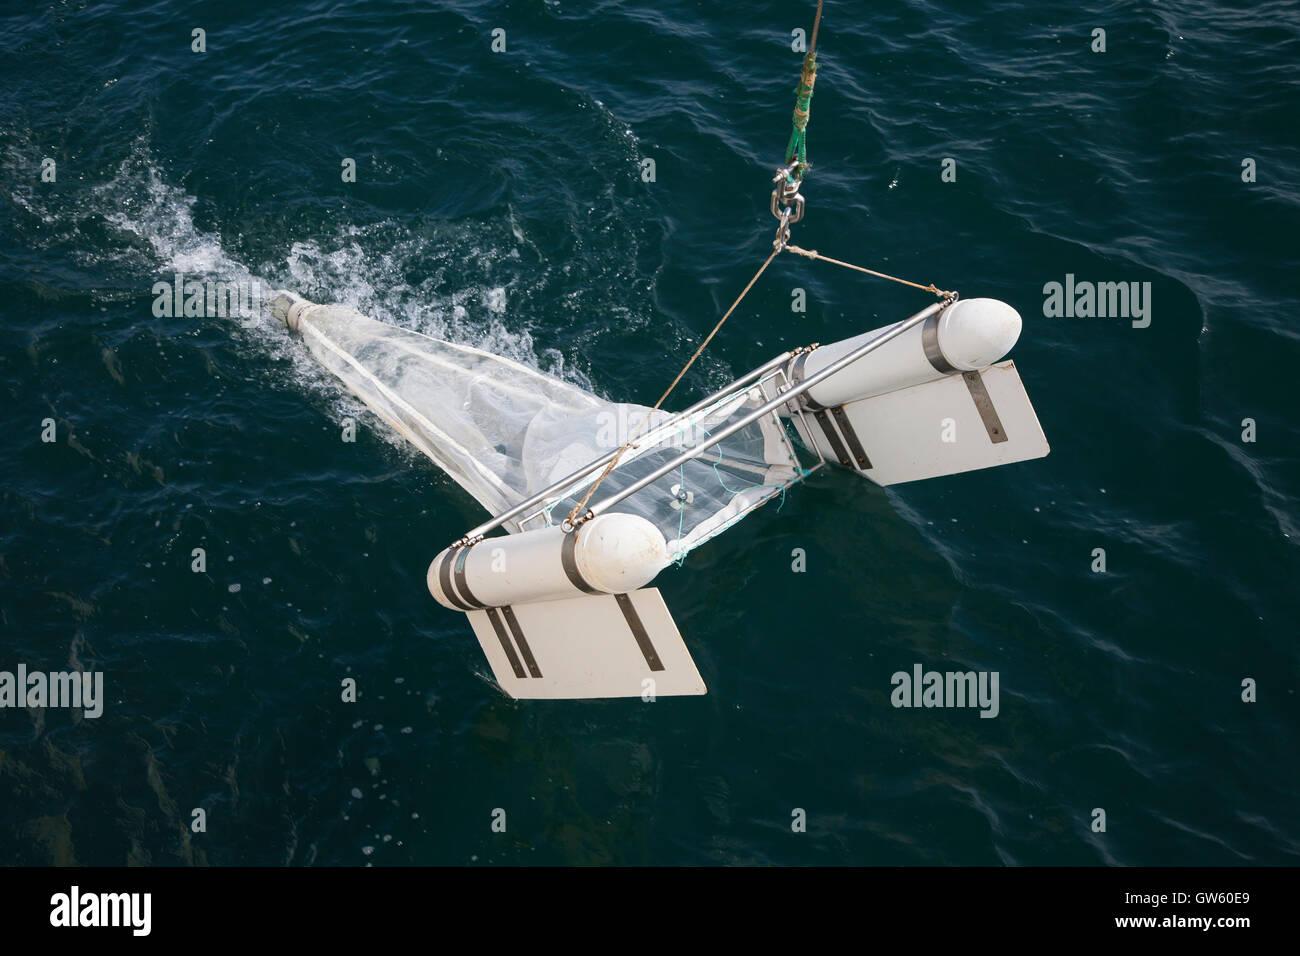 Le plancton neuston net. Ces types de moustiquaires sont remorqués jusqu'à la surface de l'échantillon à neuston. Banque D'Images